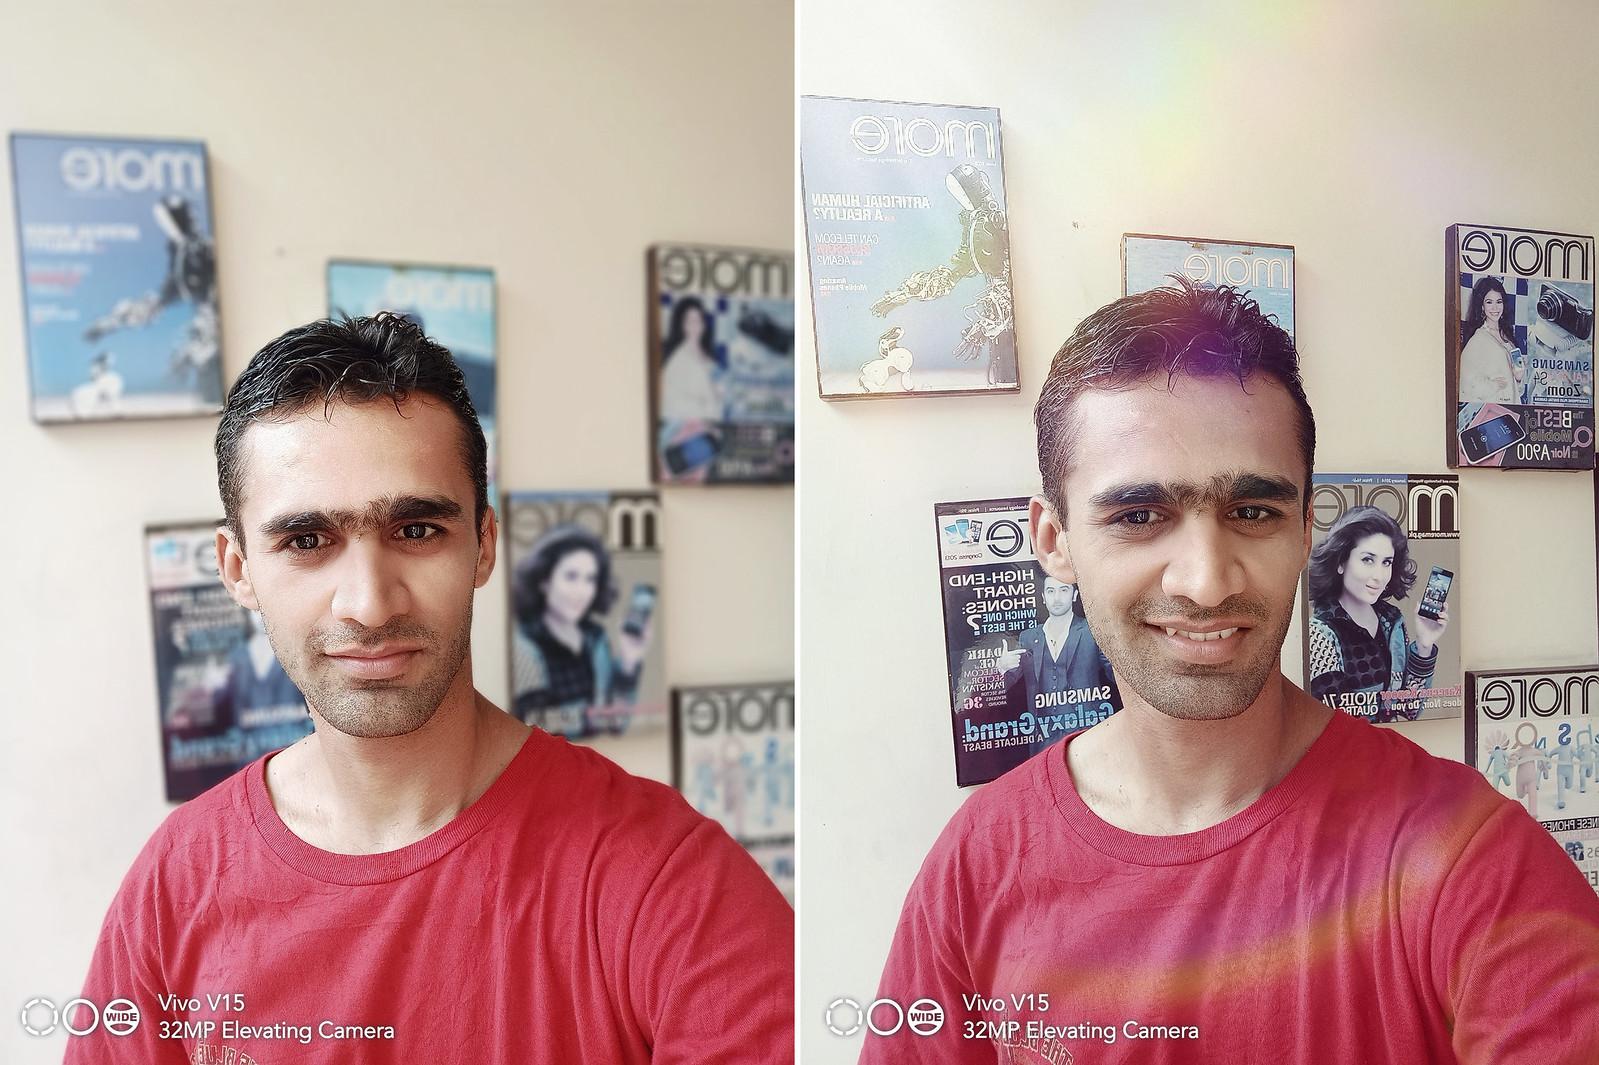 Selfie with Vivo V15